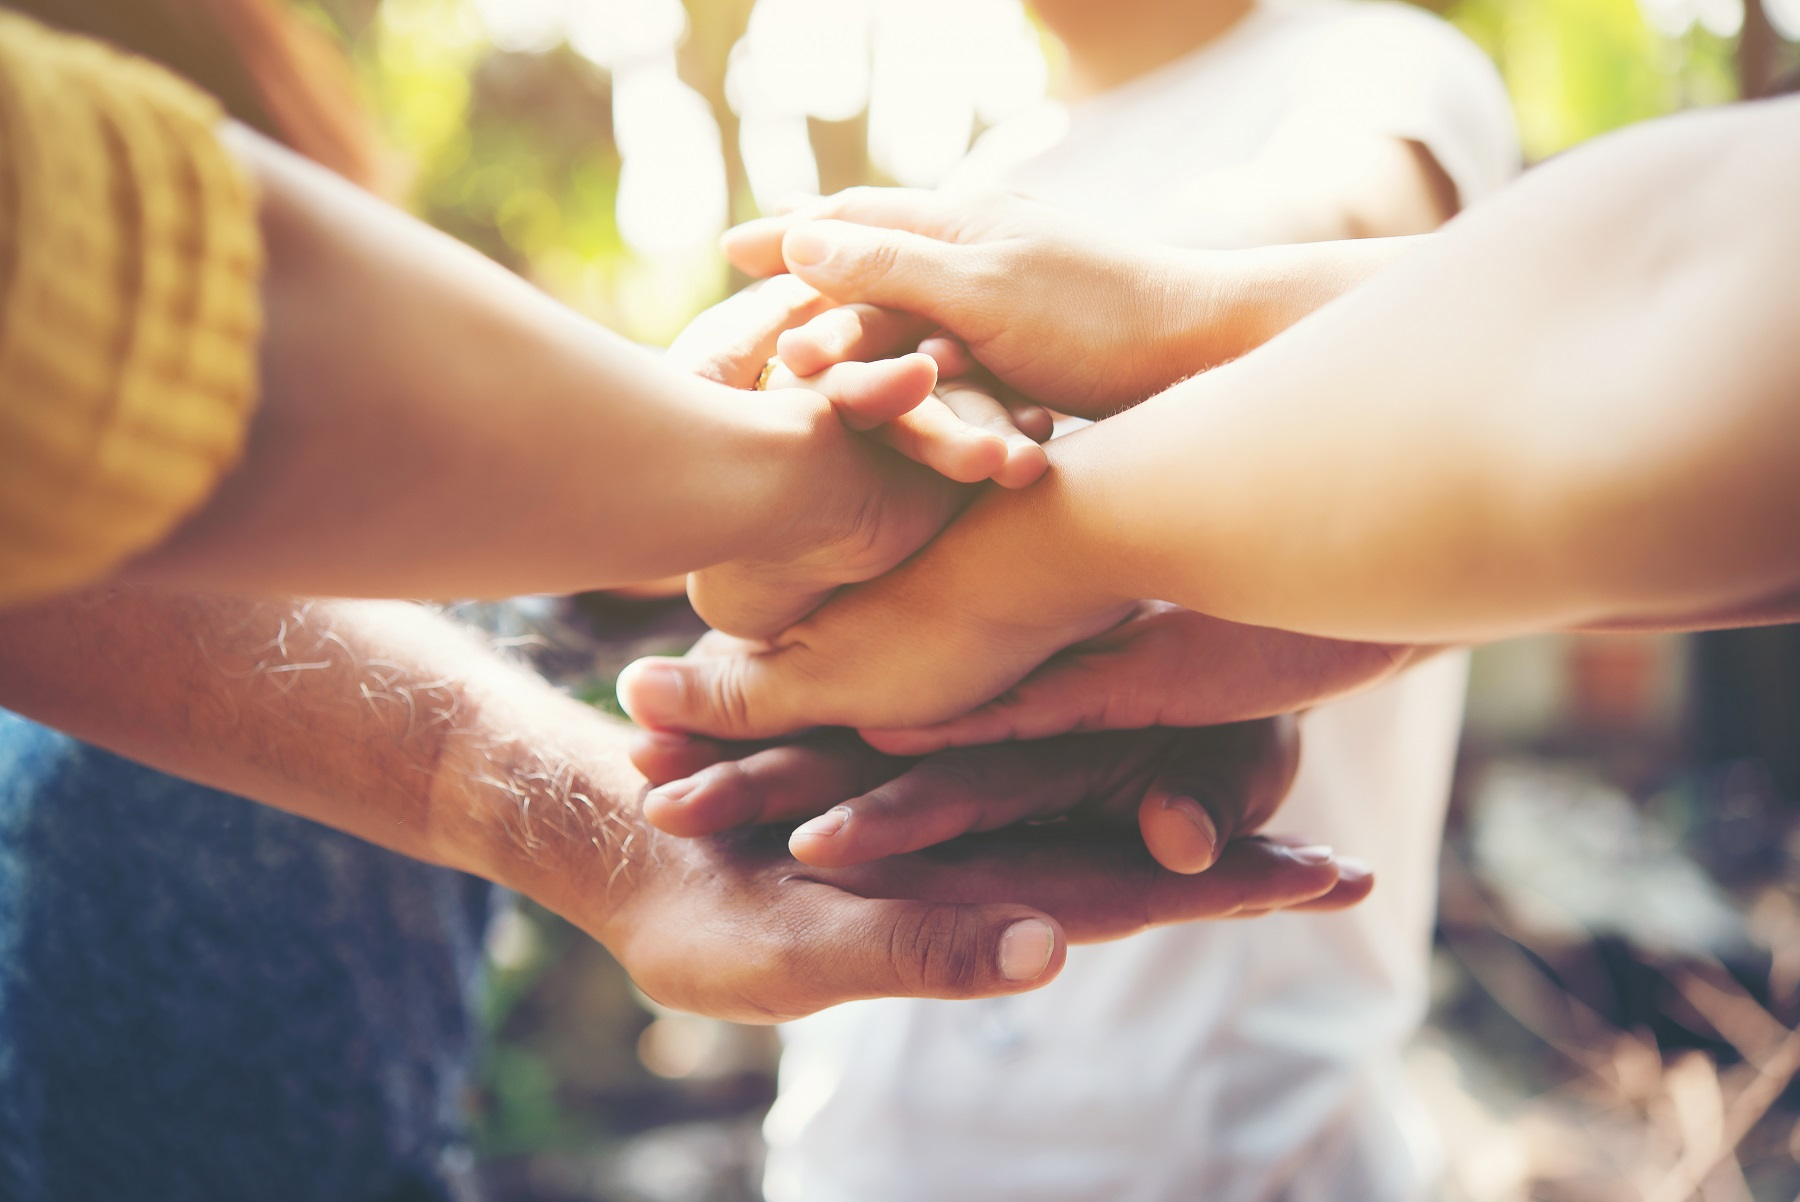 Formazione e ruolo dei Tutori Sociali, il valore di un progetto che guarda al futuro